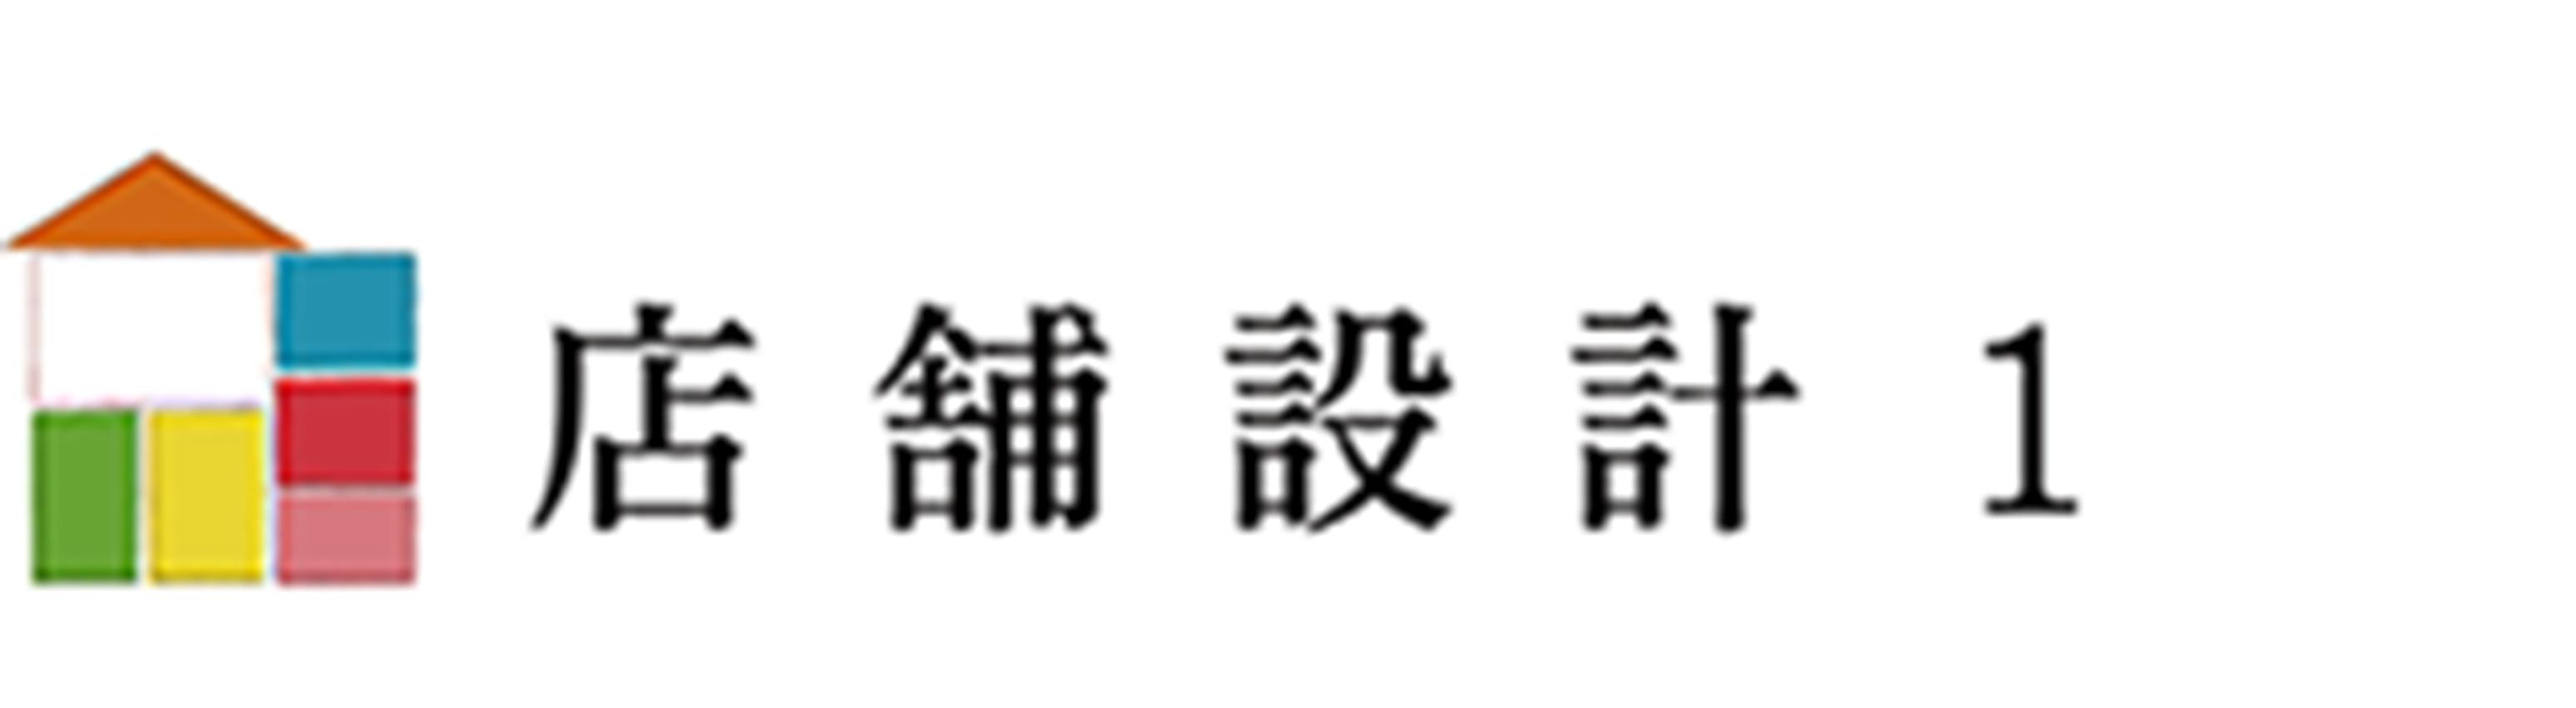 sekoujirei_title_10